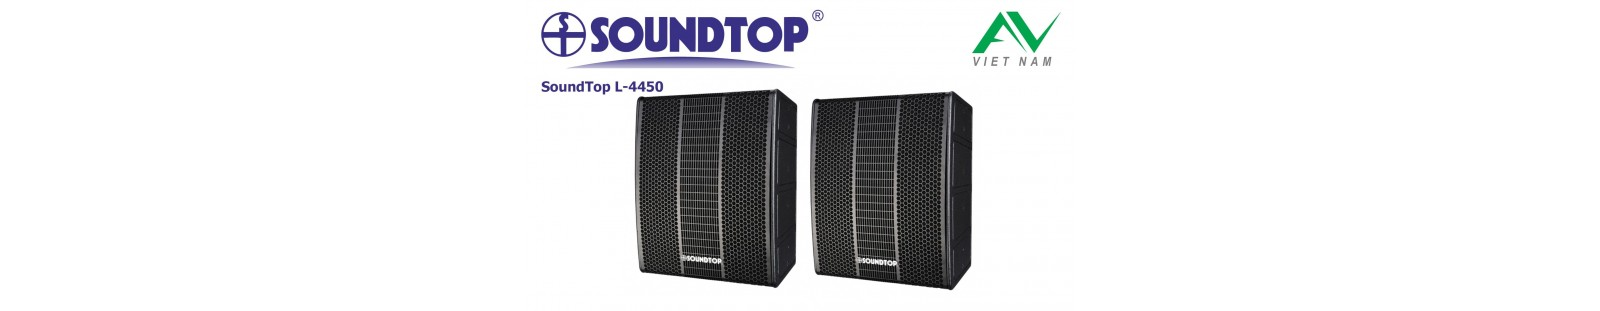 SoundTop L-4450